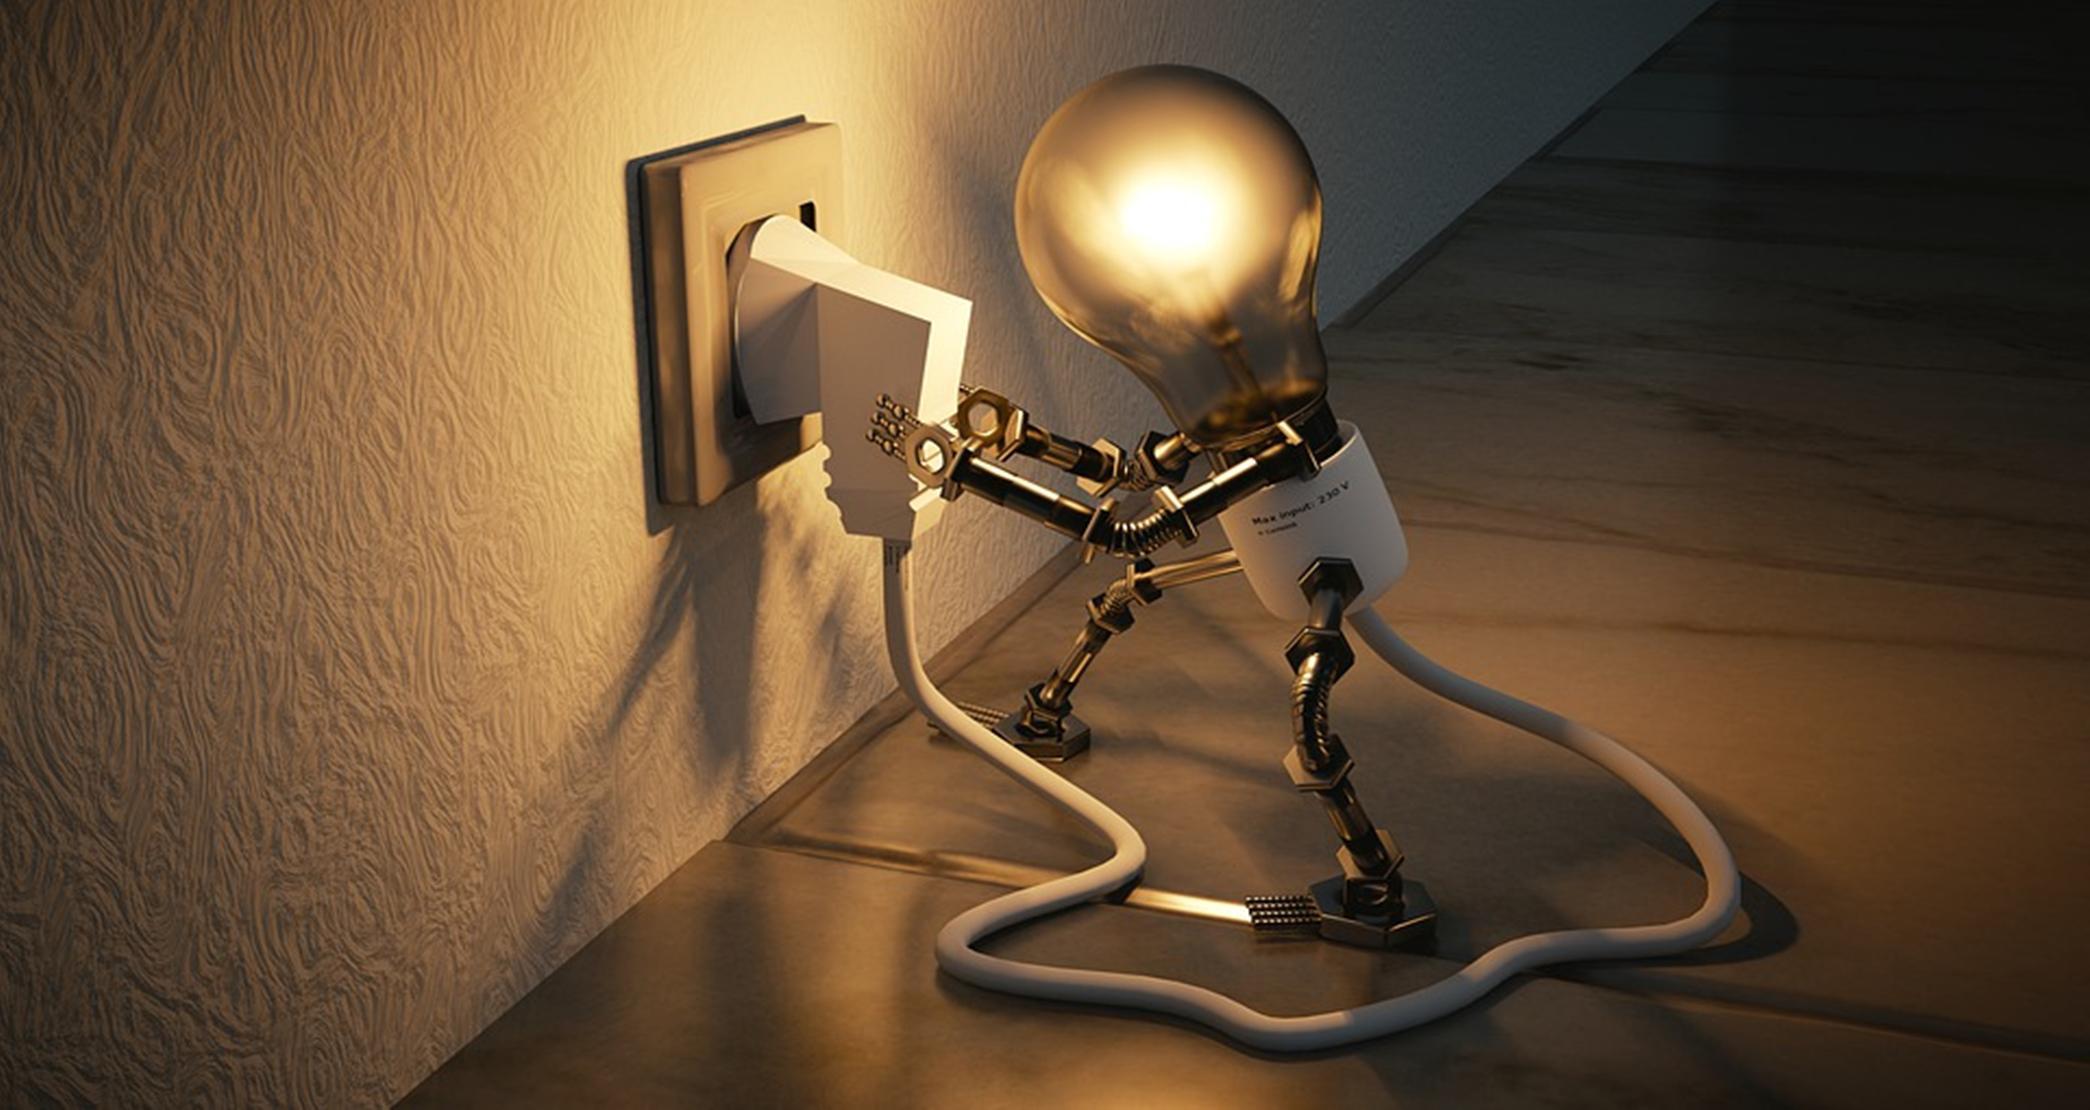 รูป Recent From Writer อนุรักษ์สิ่งแวดล้อมด้วยการปิดไฟ 1 ชั่วโมง ...ช่วยโลกได้อย่างไรบ้าง ?